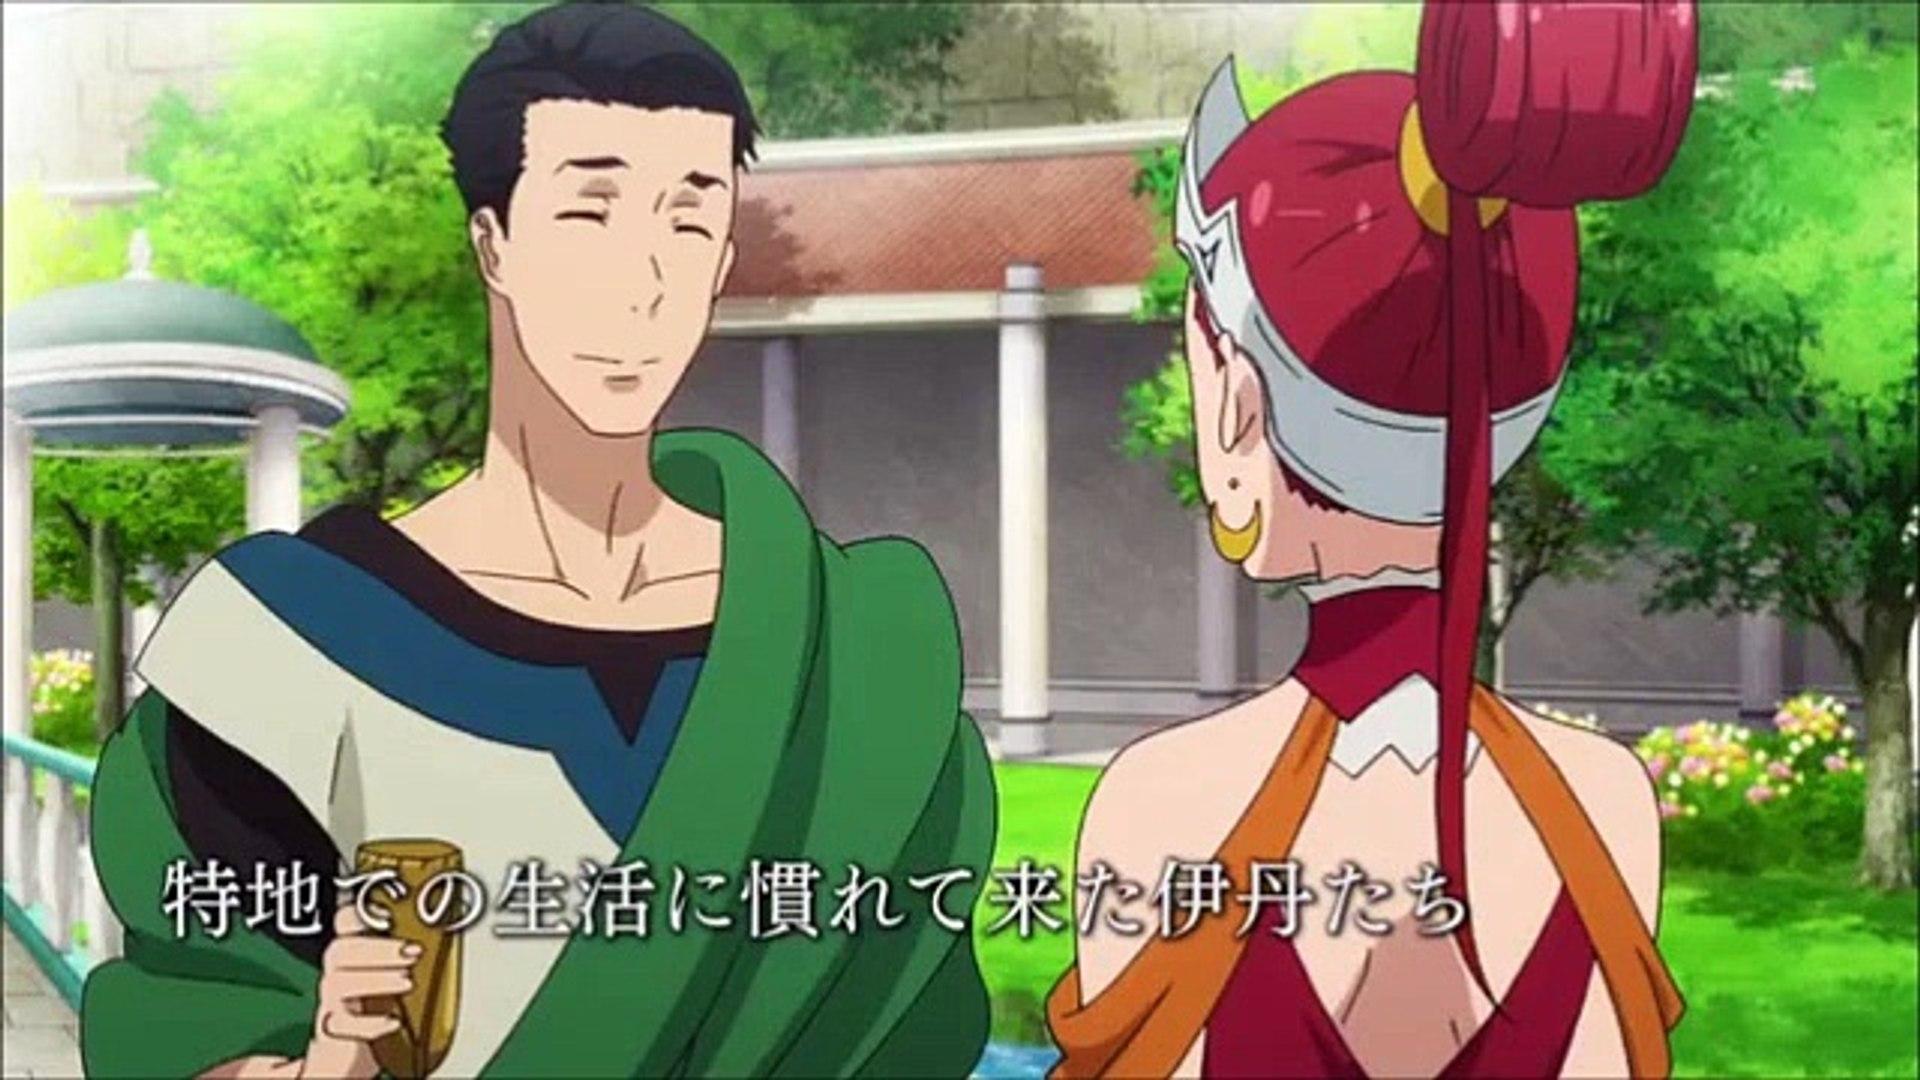 Shouwa Genroku Rakugo Shinjuu Season 2 Episode 2 Review Manga Tokyo